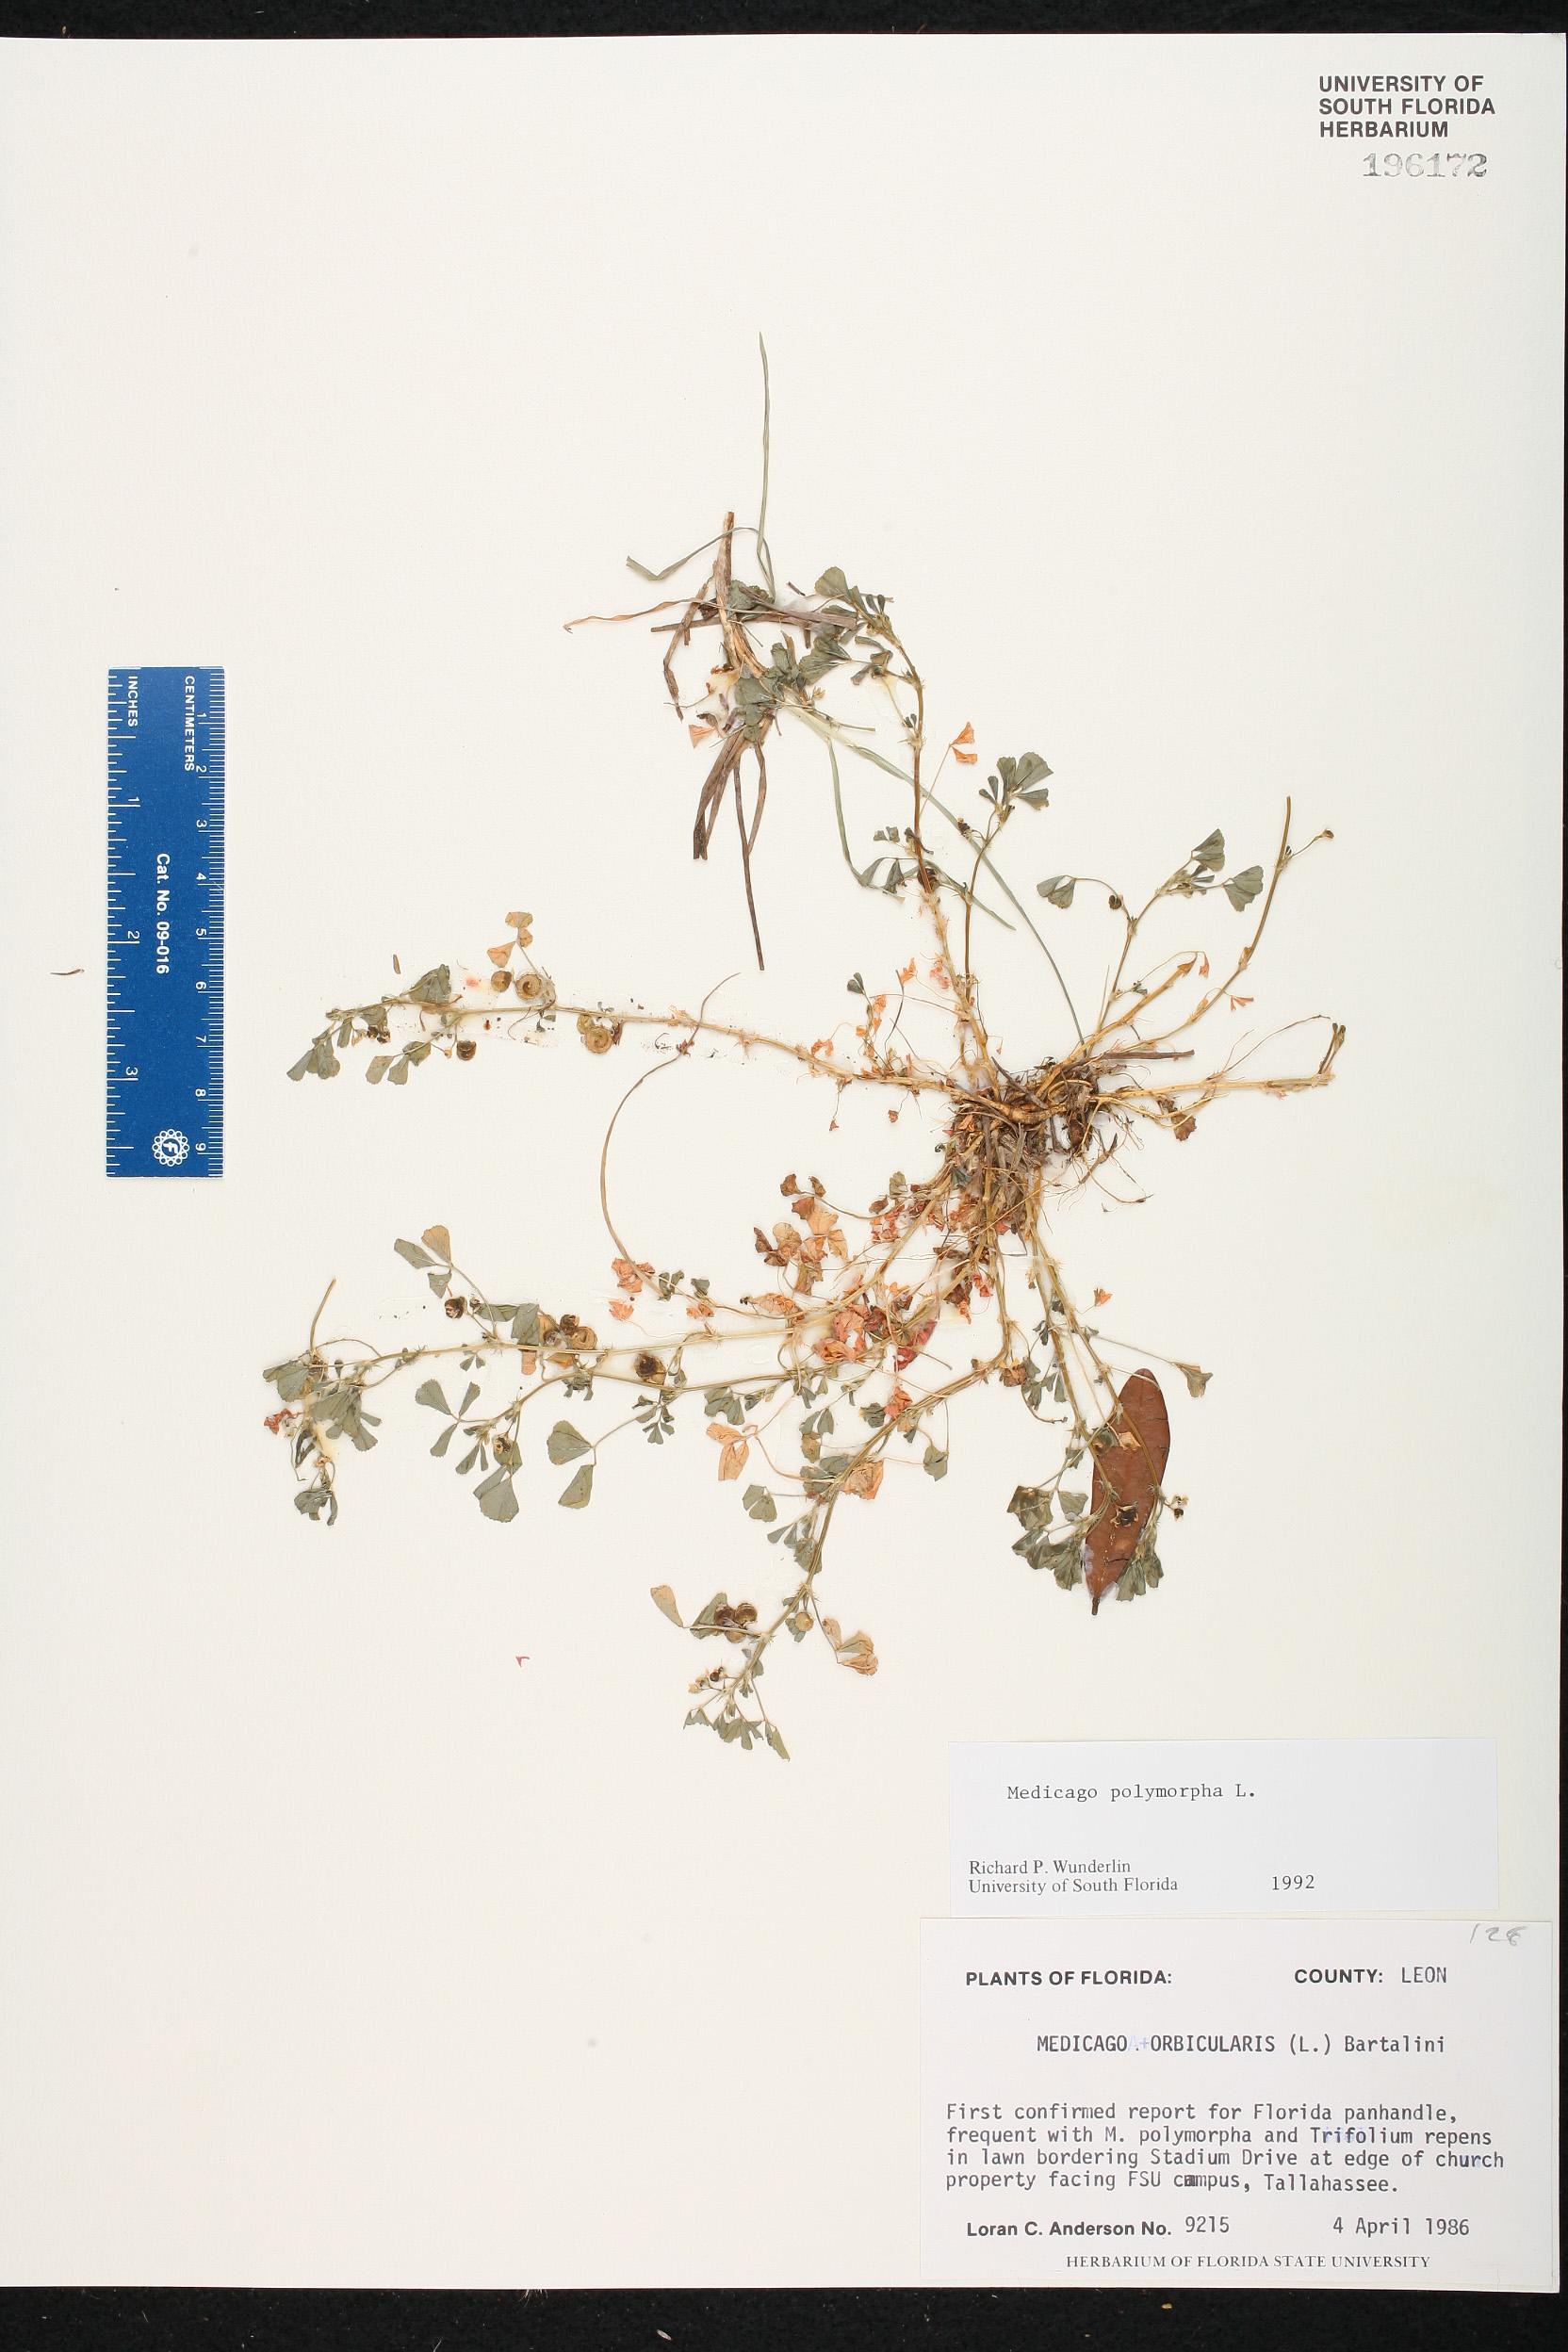 Herbarium Specimen Details Isb Atlas Of Florida Plants Loran C Block Diagram Family Name